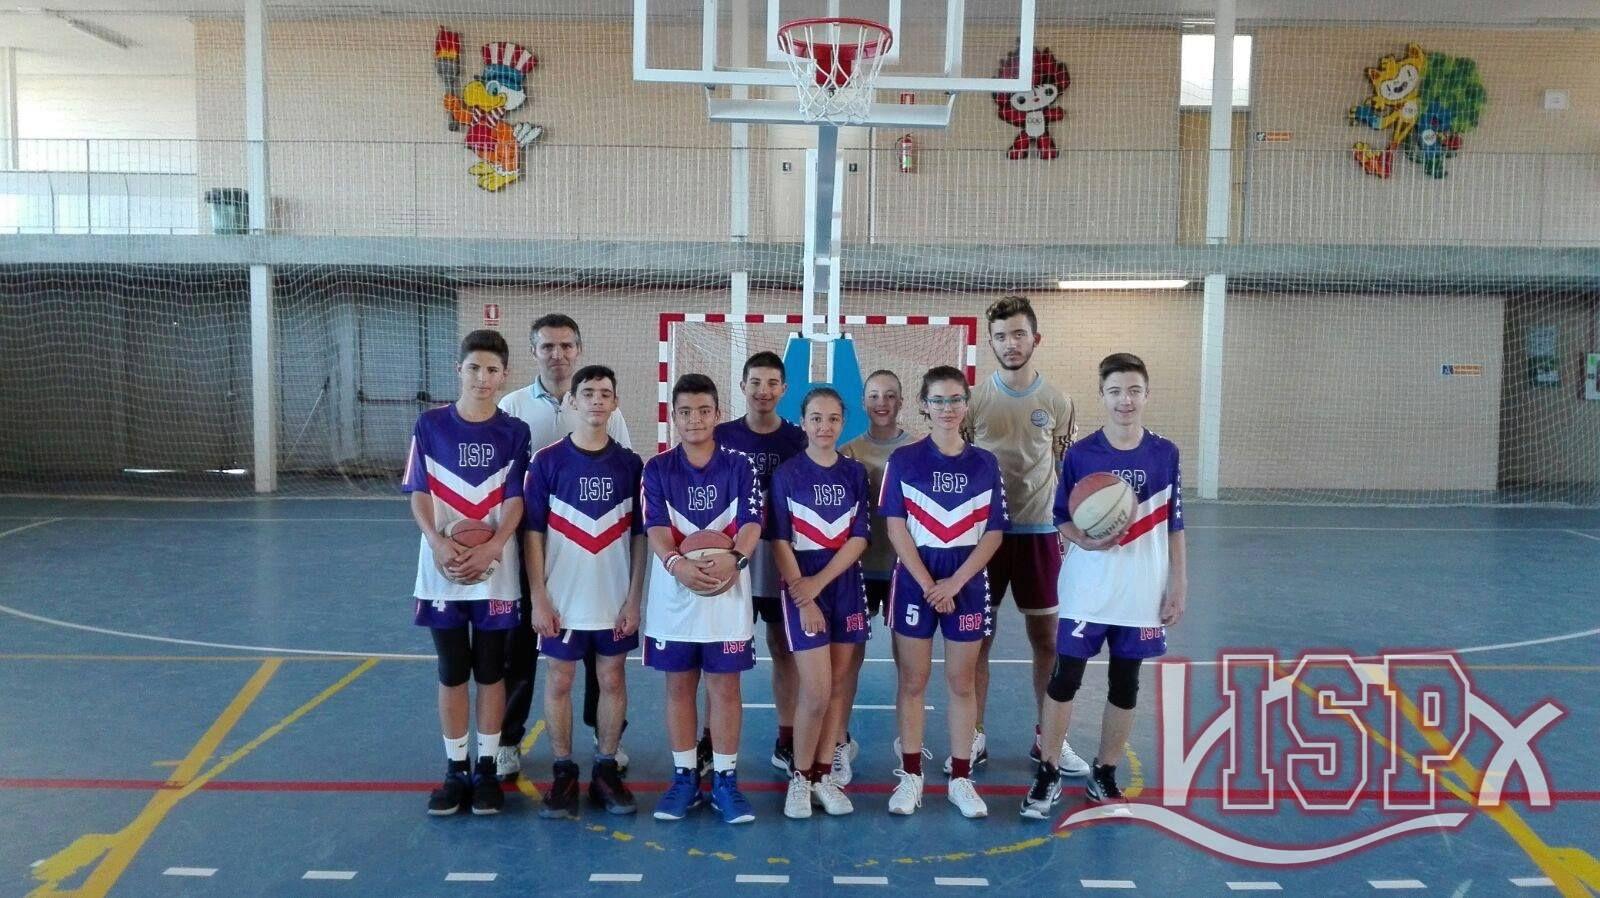 3º y 4º de SecundariaISP y SportsTeamISP visitaron ayer